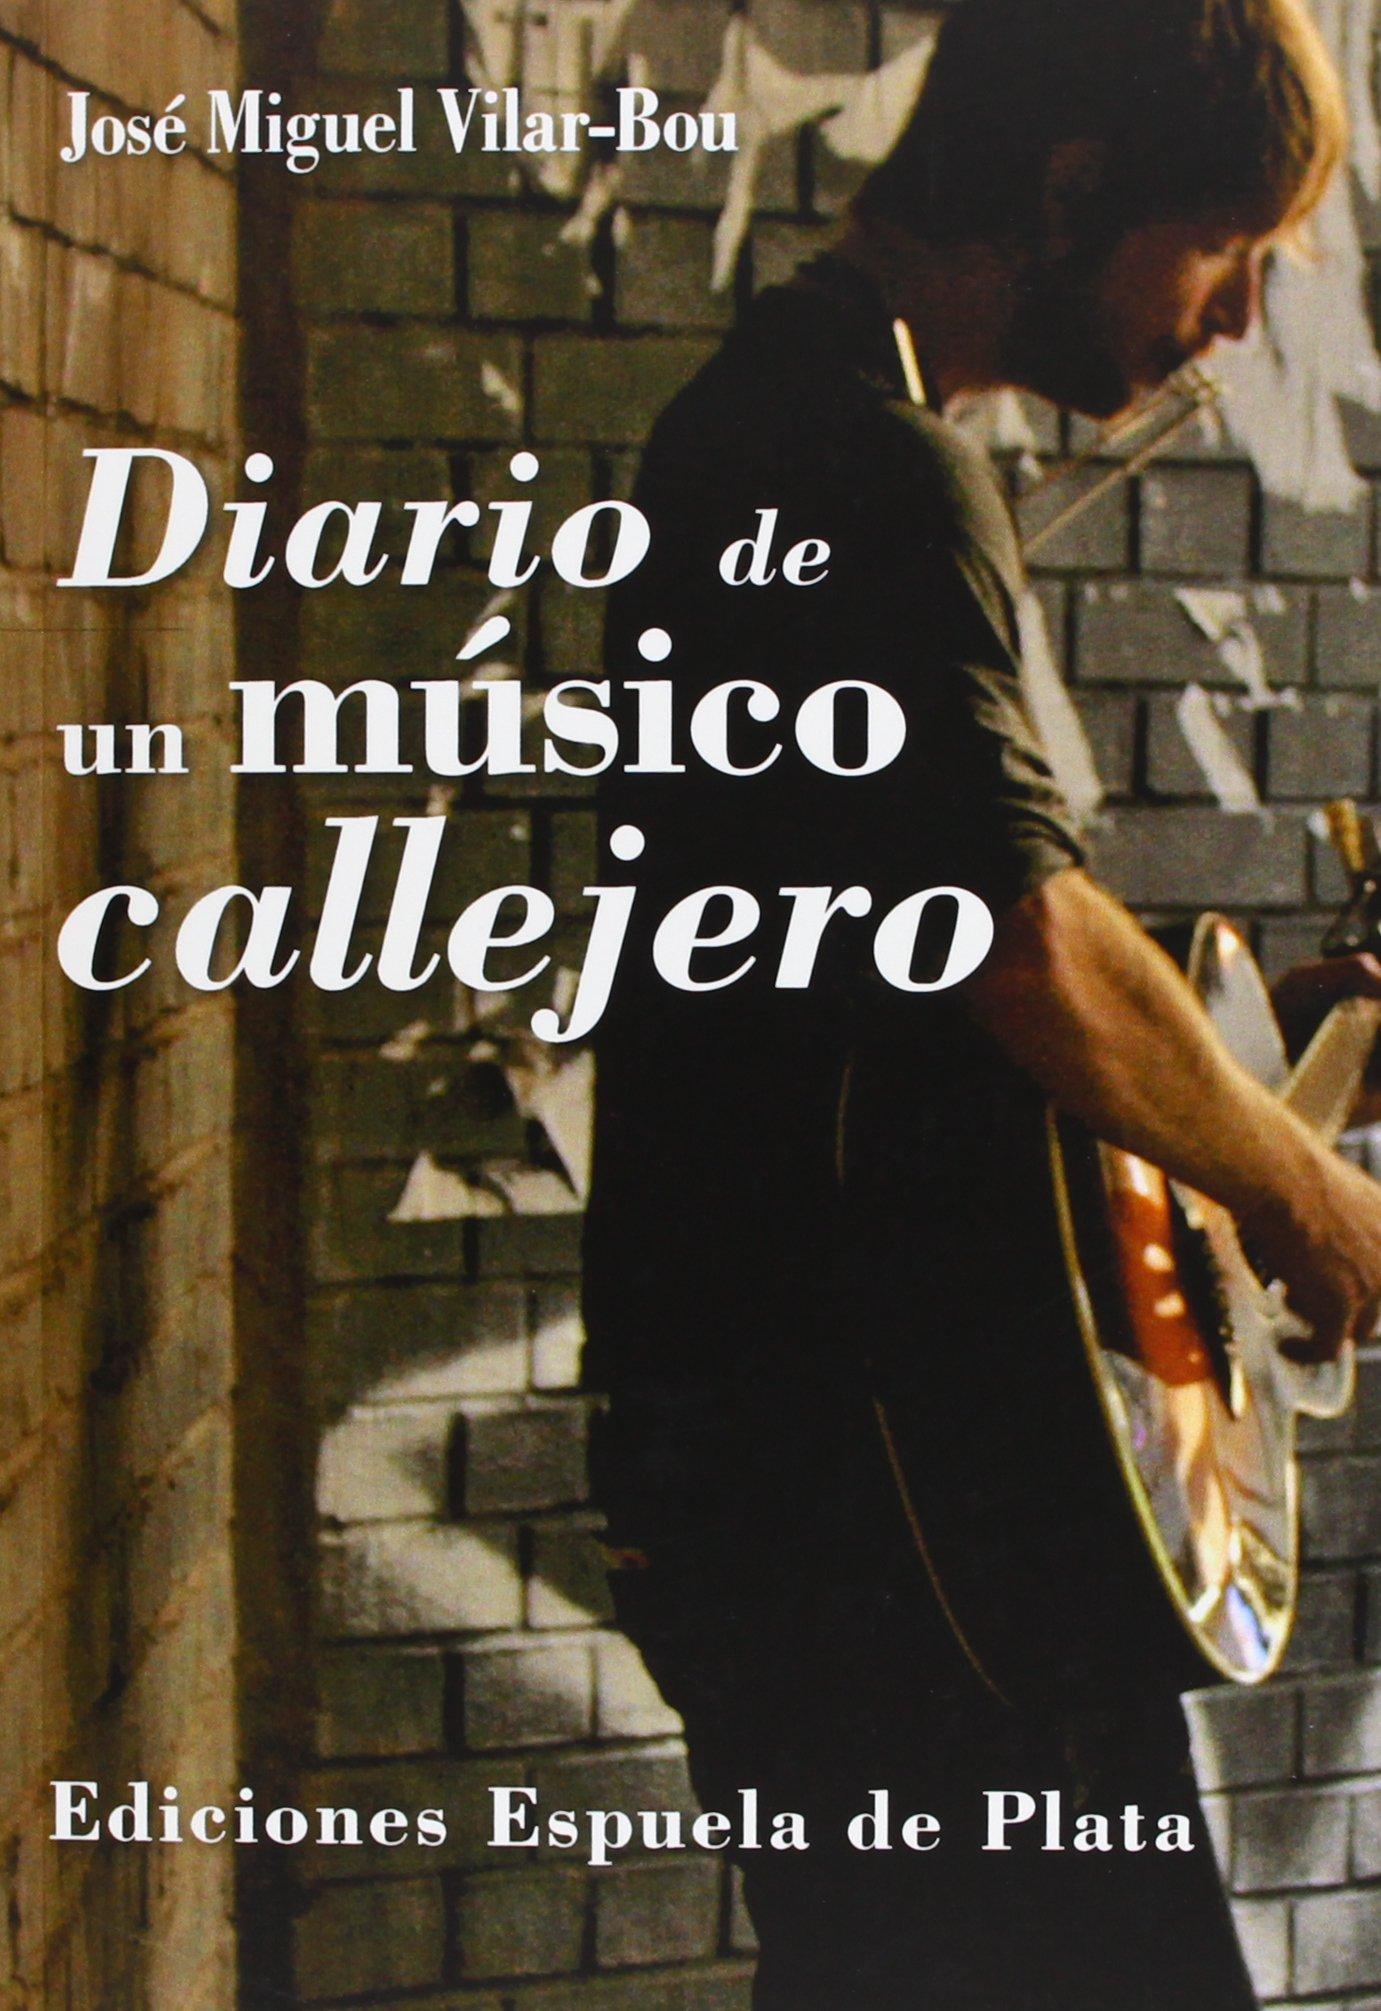 Diario De Un Músico Callejero (Otros títulos): Amazon.es: José Miguel Vilar-Bou: Libros